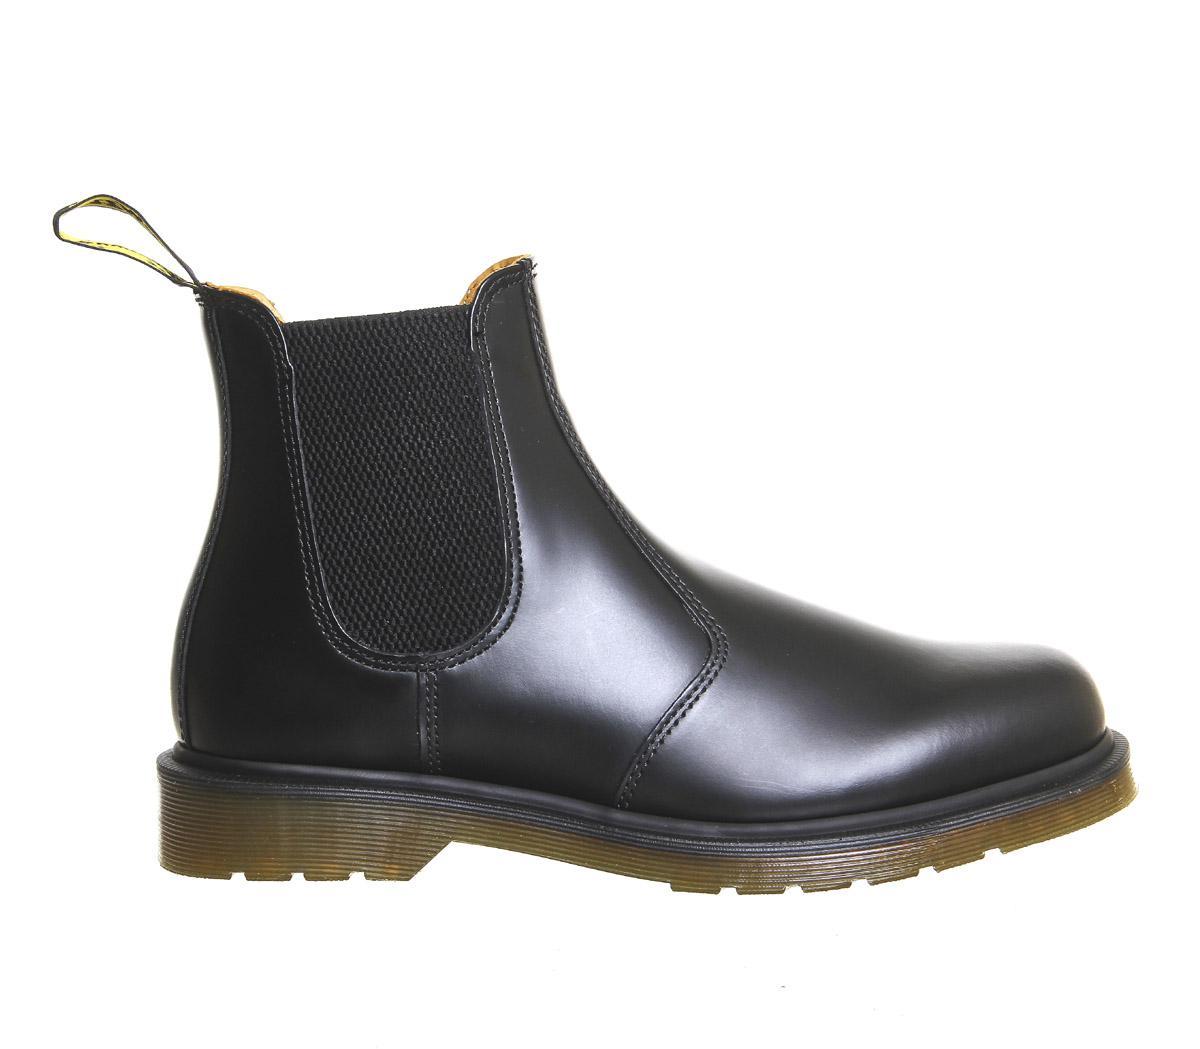 lyst dr martens 2976 chelsea boots in black for men. Black Bedroom Furniture Sets. Home Design Ideas